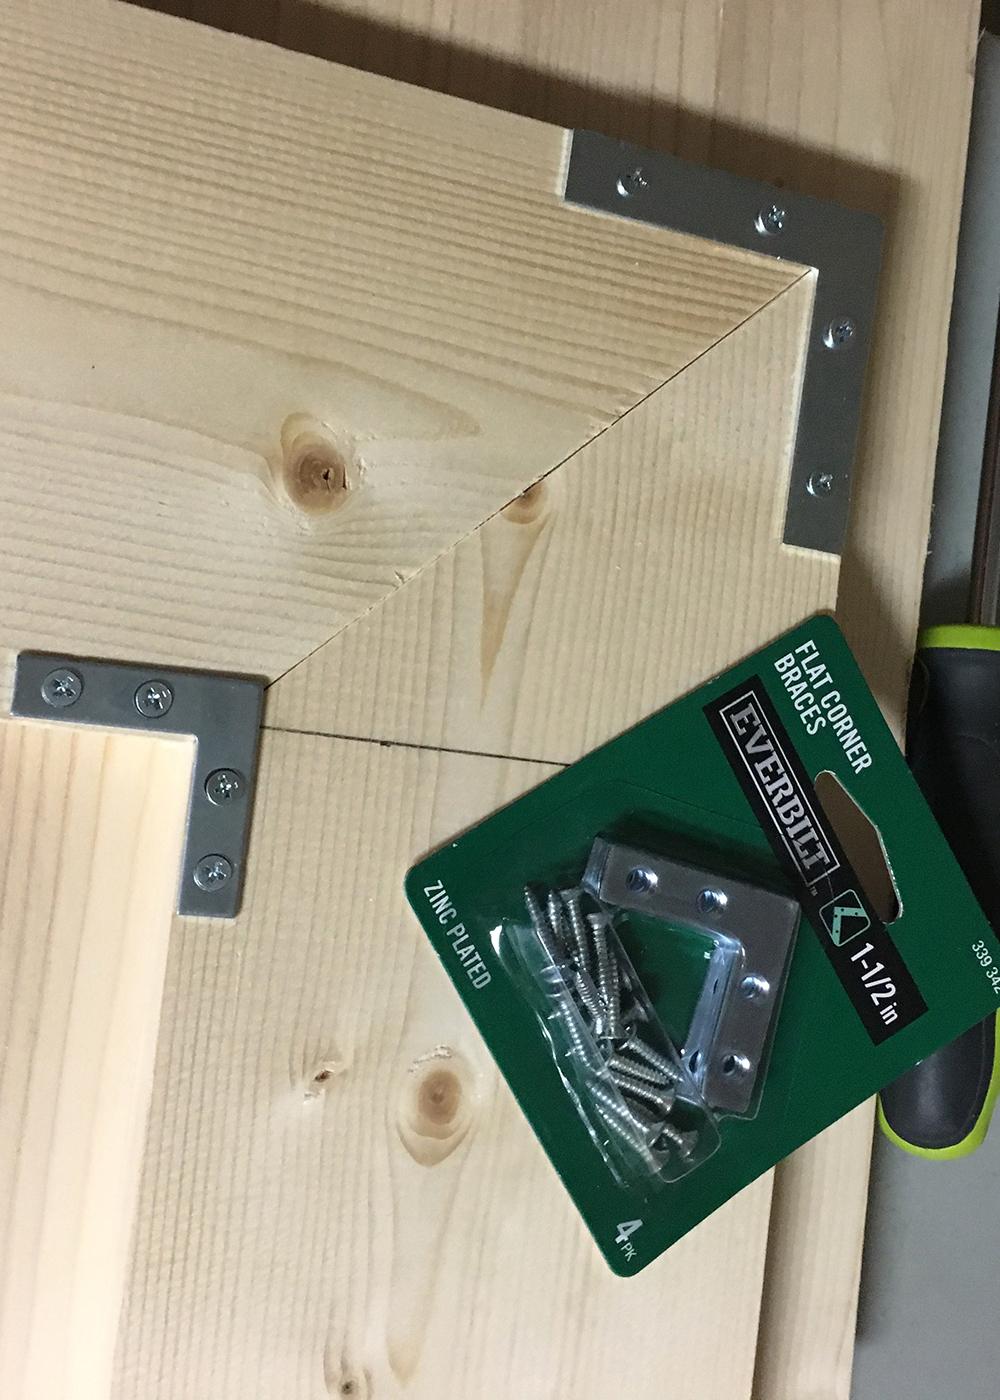 flat corner braces to make u-shaped shelf